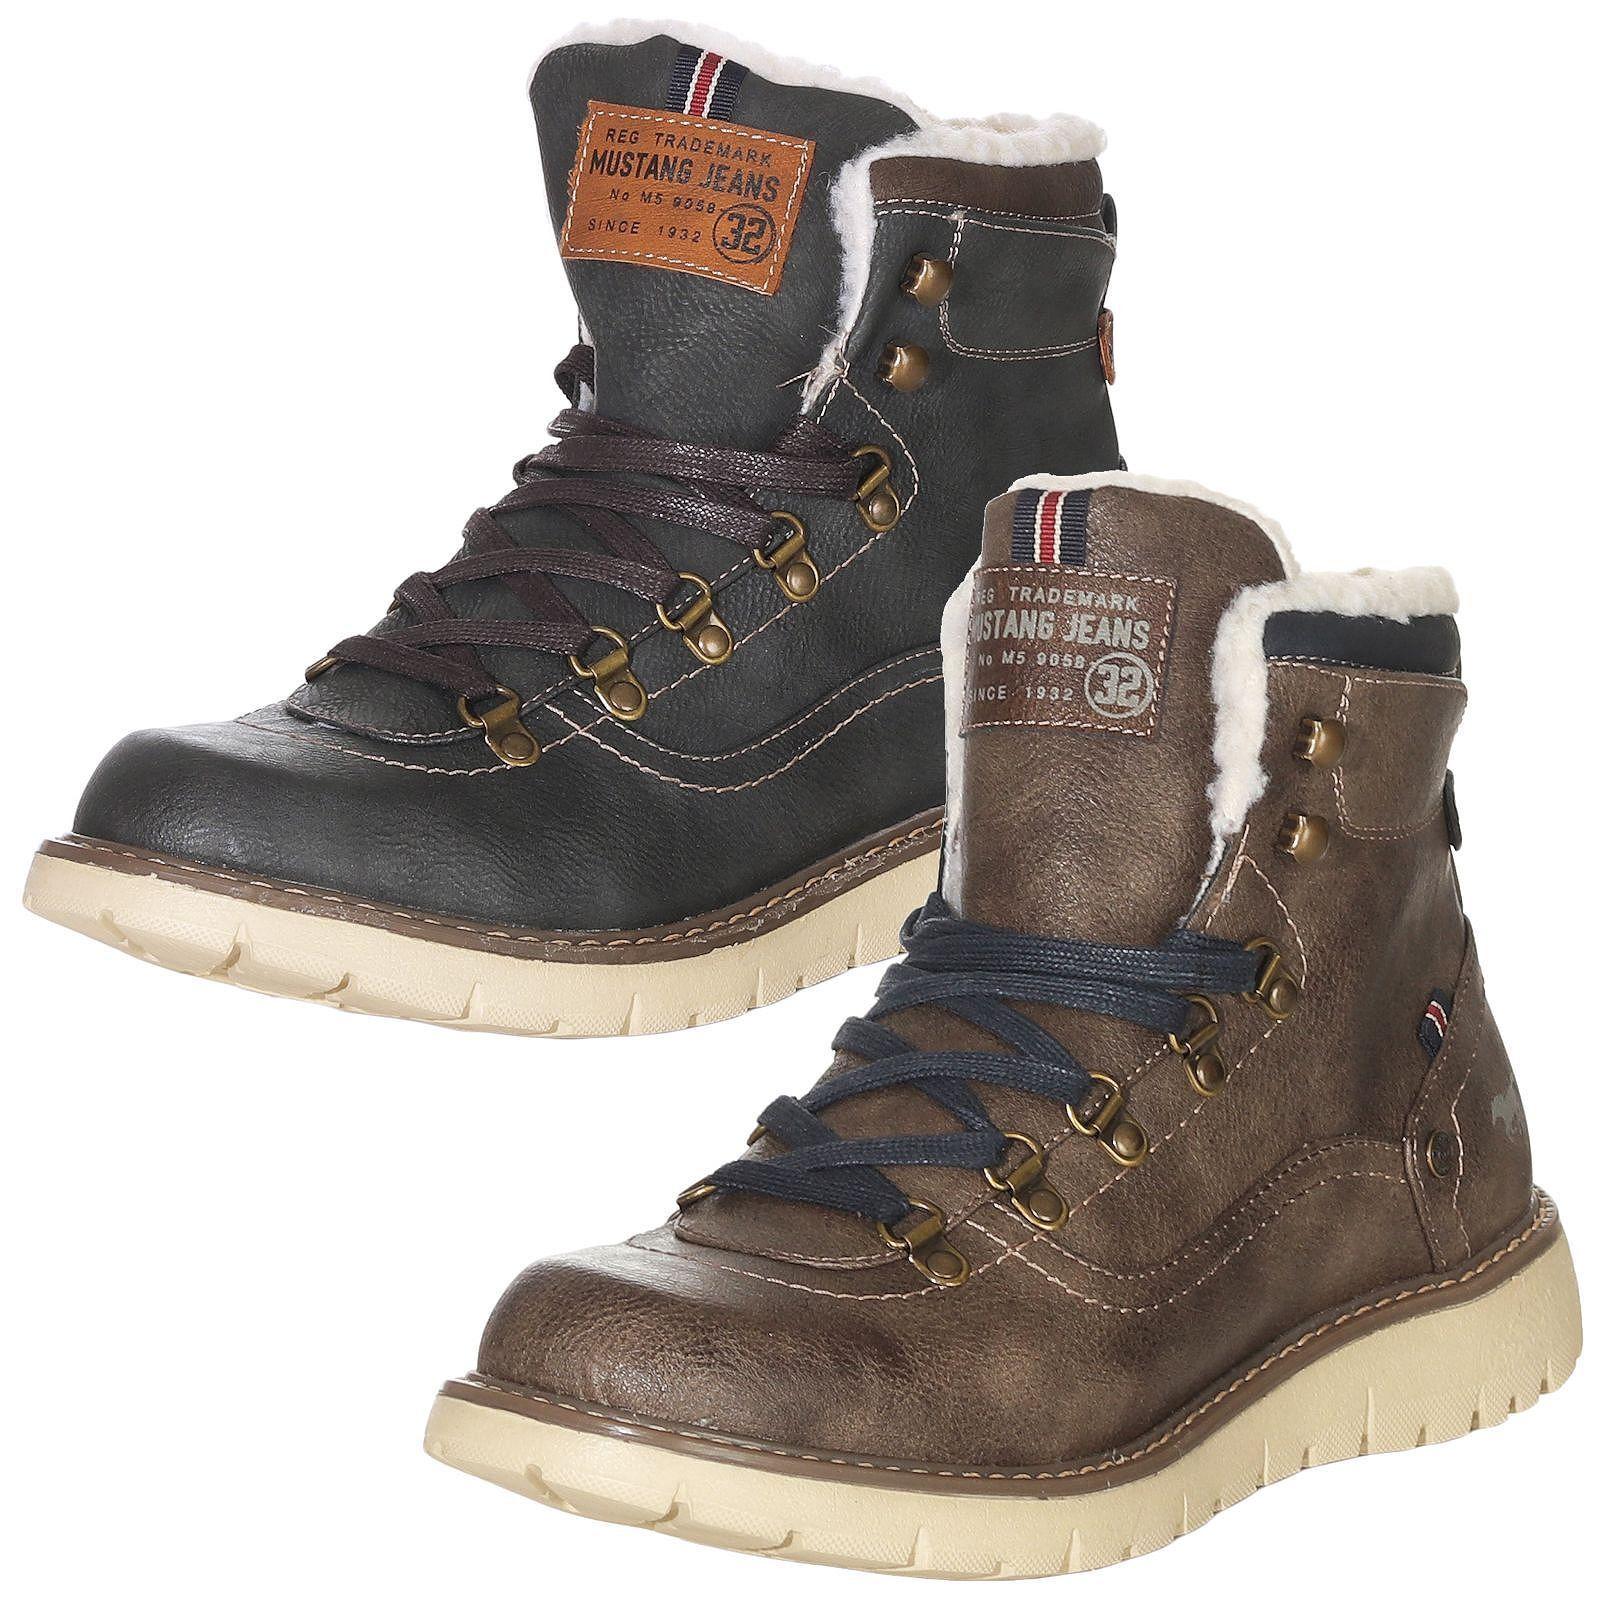 Mustang 4107 Schuhe Herren Winterschuhe Stiefel Turnschuhe mNn0wv8